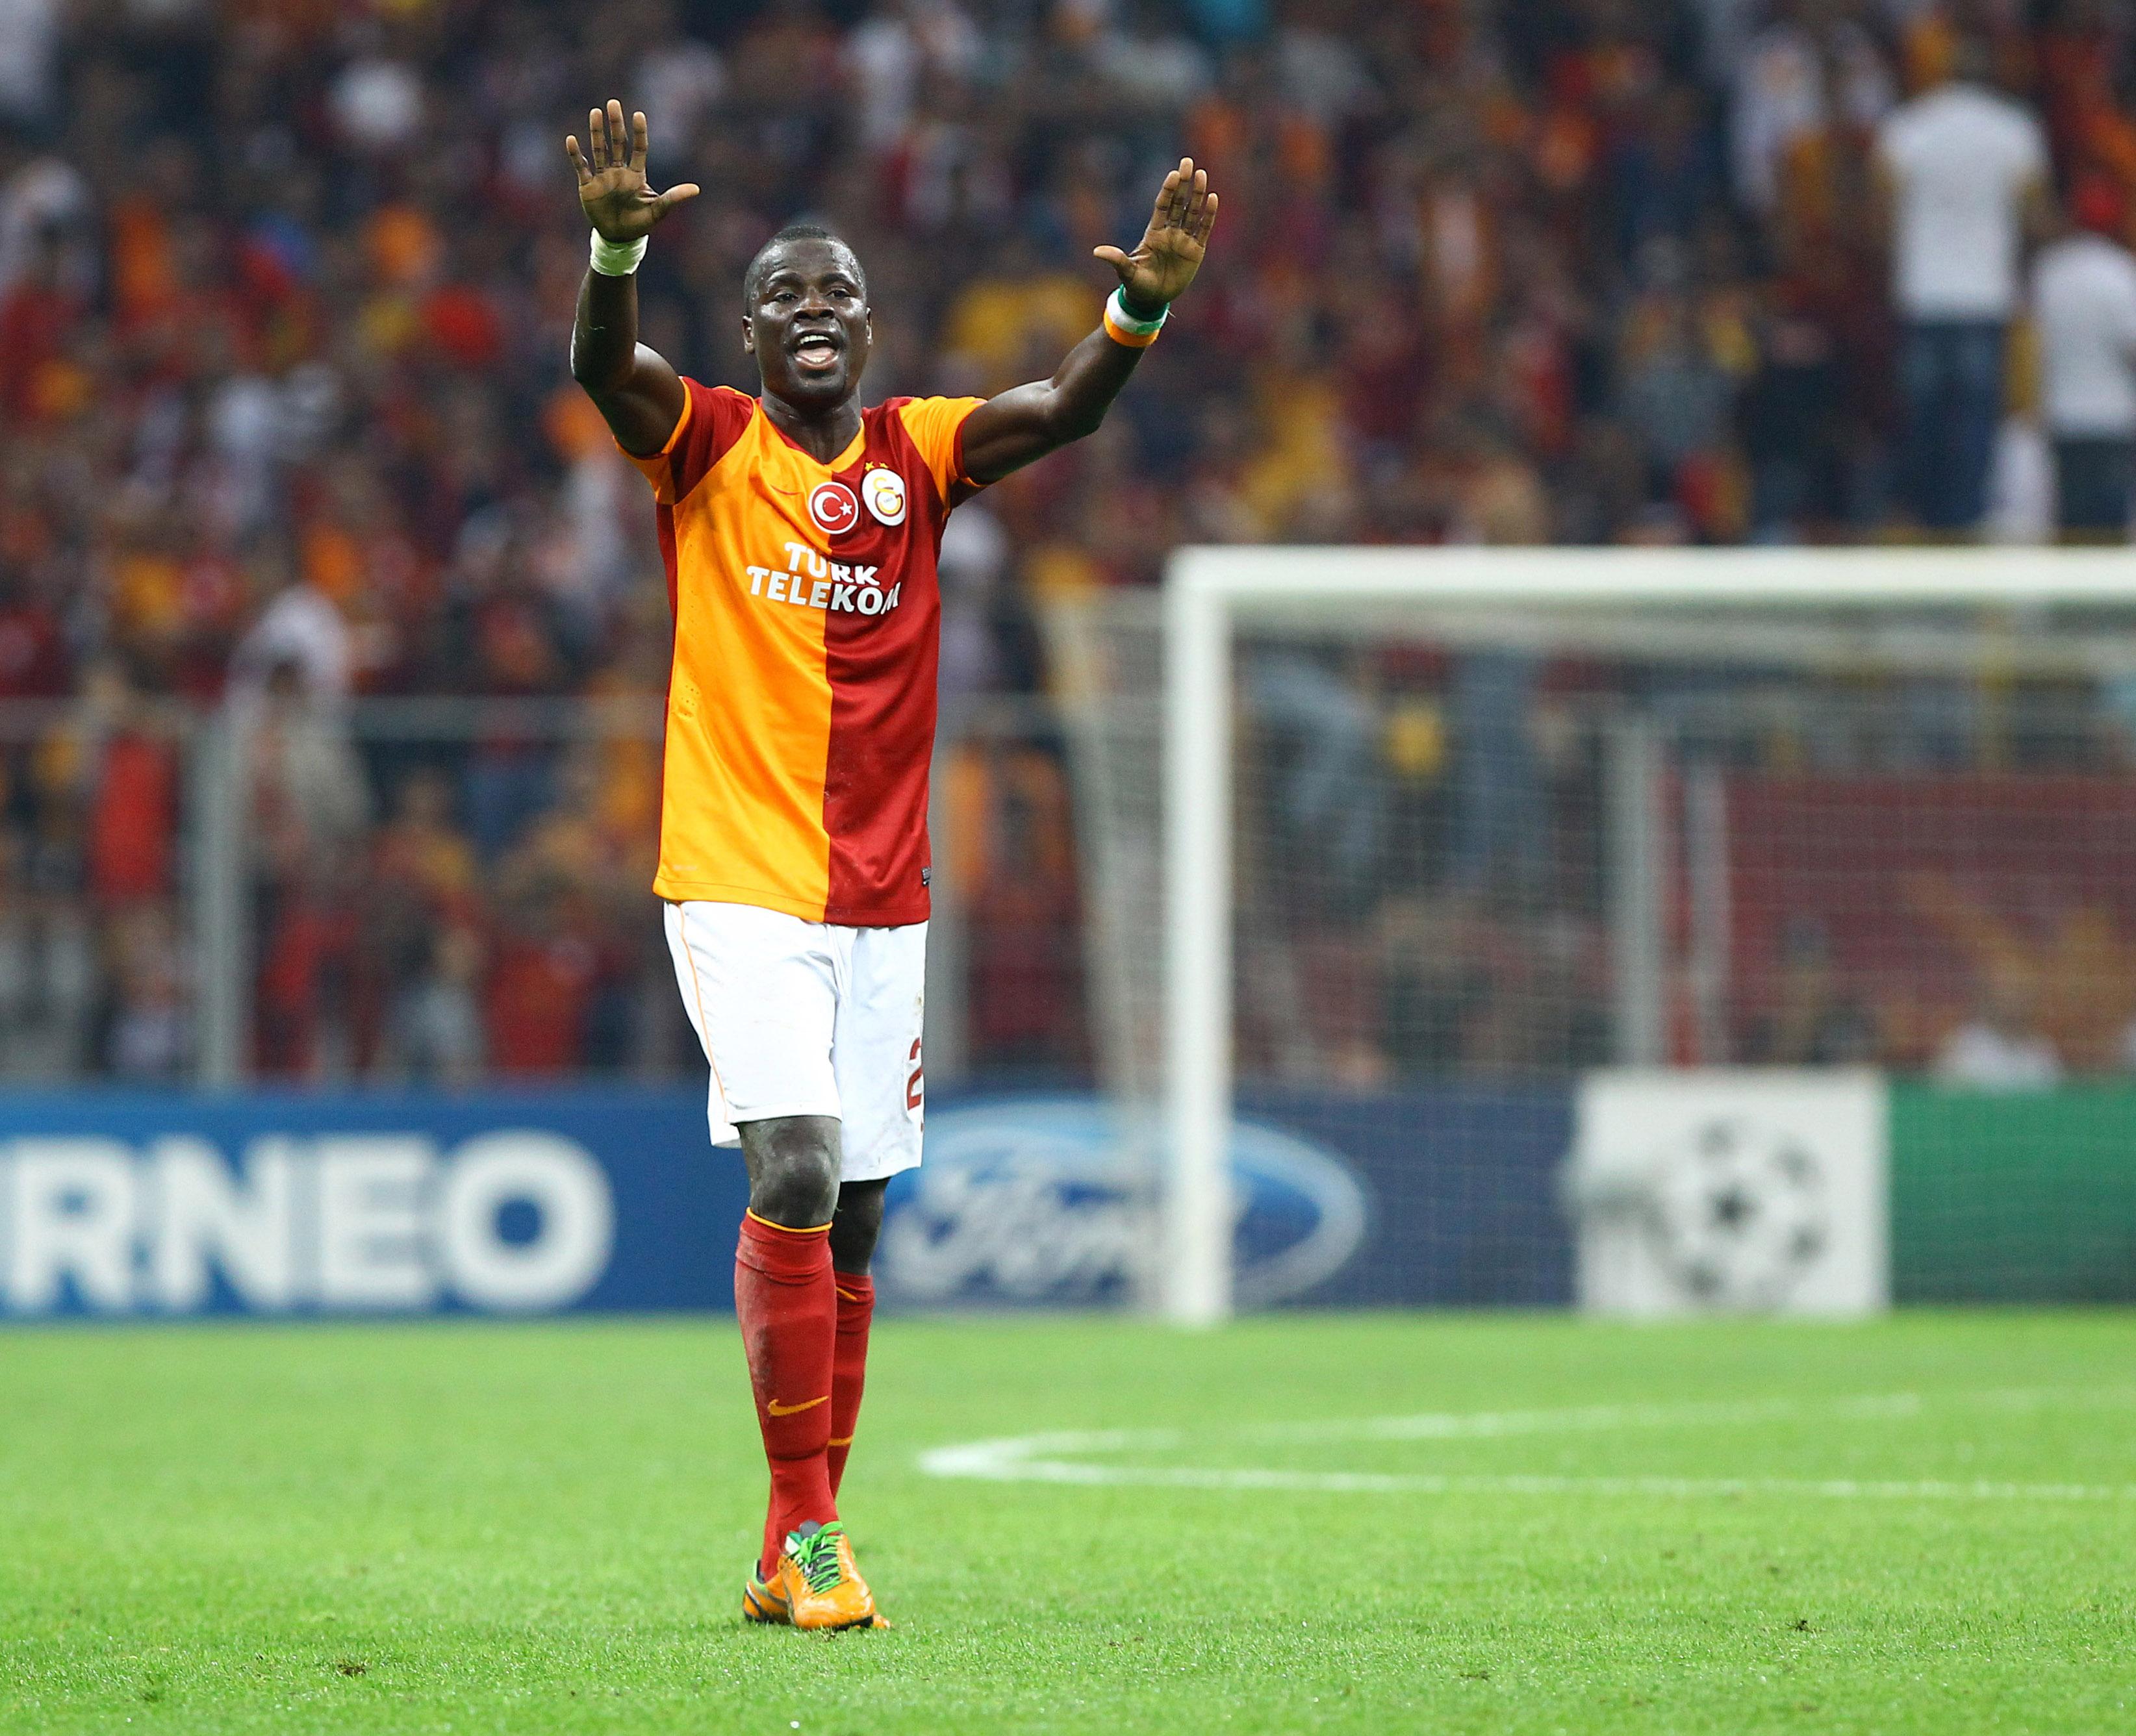 Emmanuel Ebué, sospechan, VIH, exámenes médicos, cancela, traspaso, futbol, Chipre